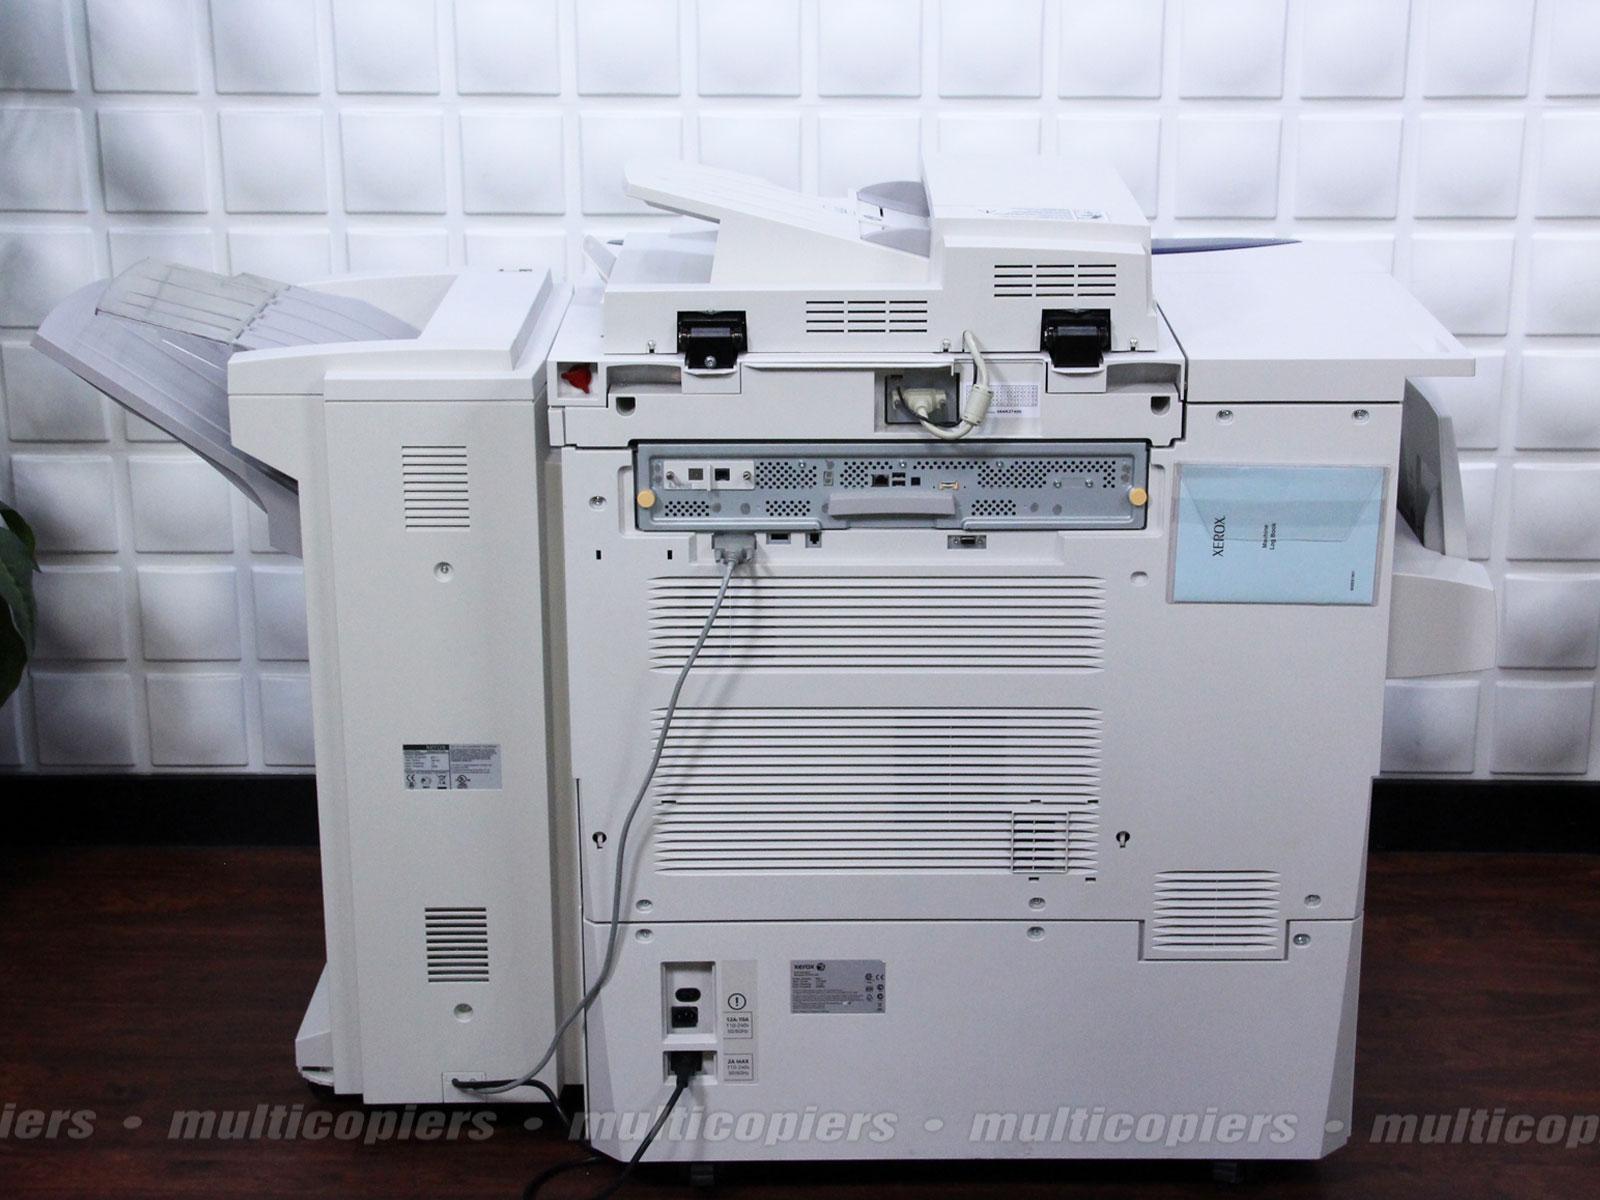 Xerox 5790 specs